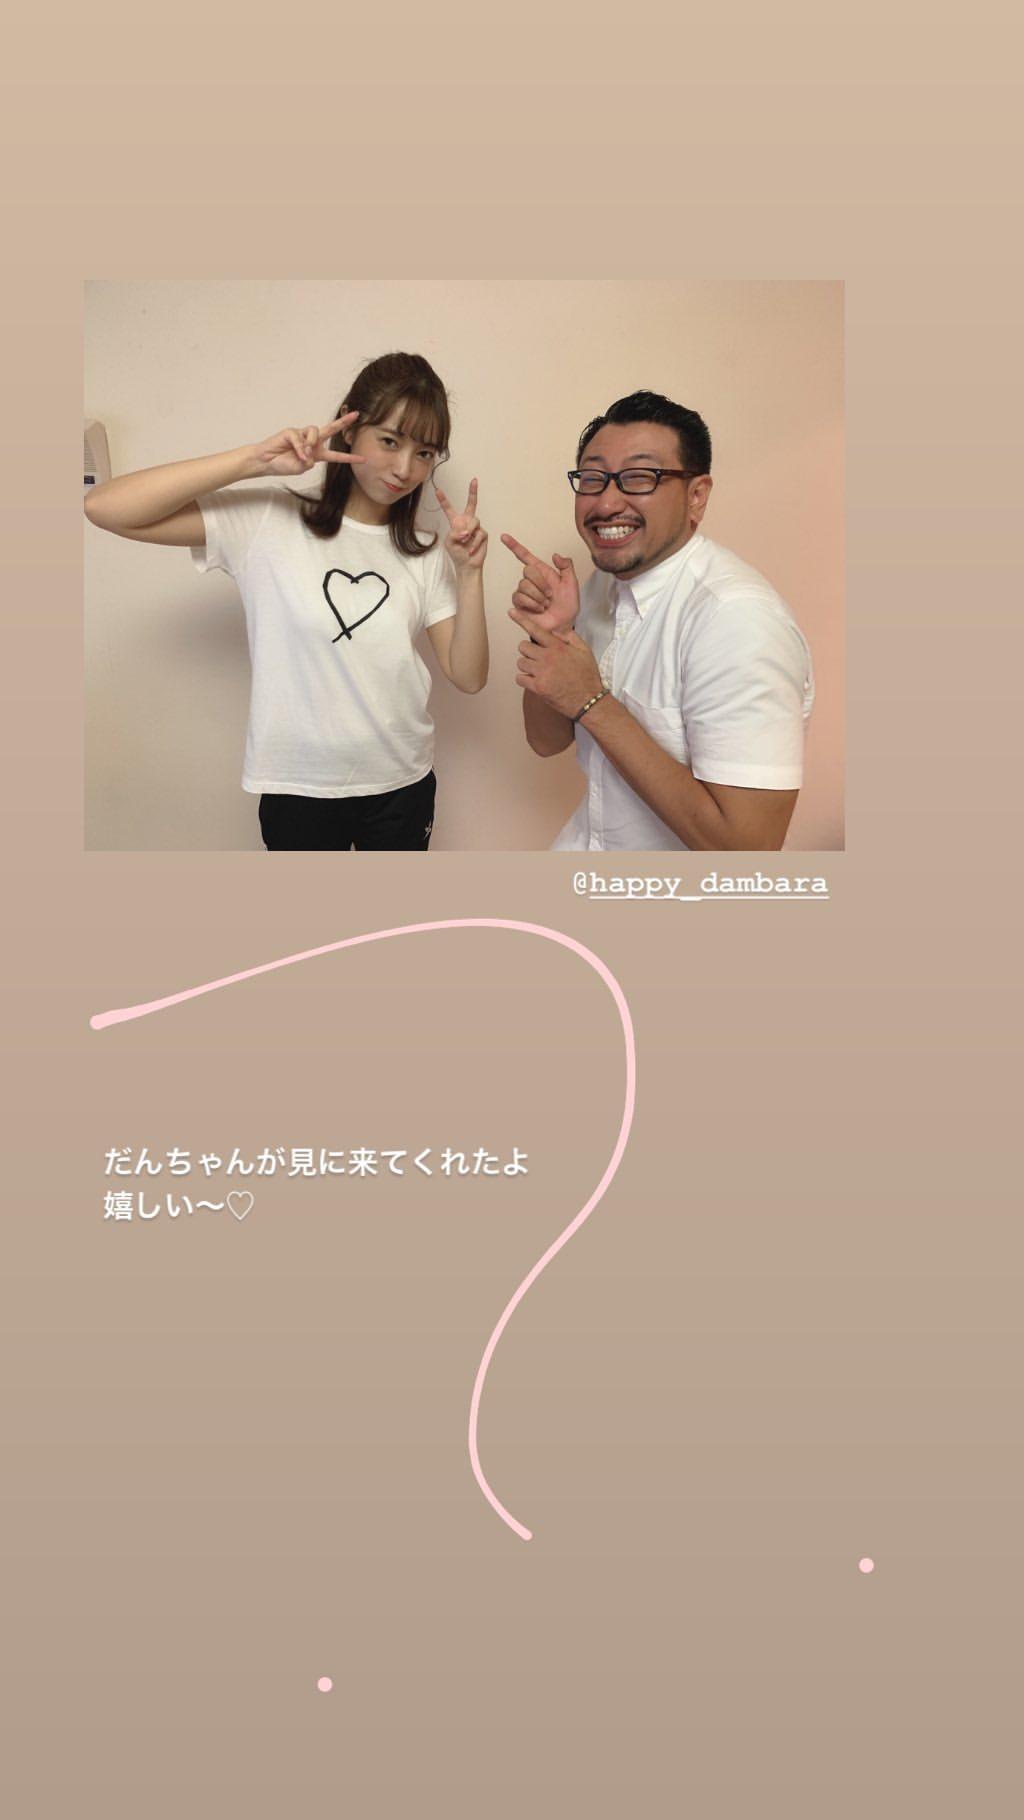 斉藤優里「だんちゃんが見に来てくれたよ、嬉しい~」